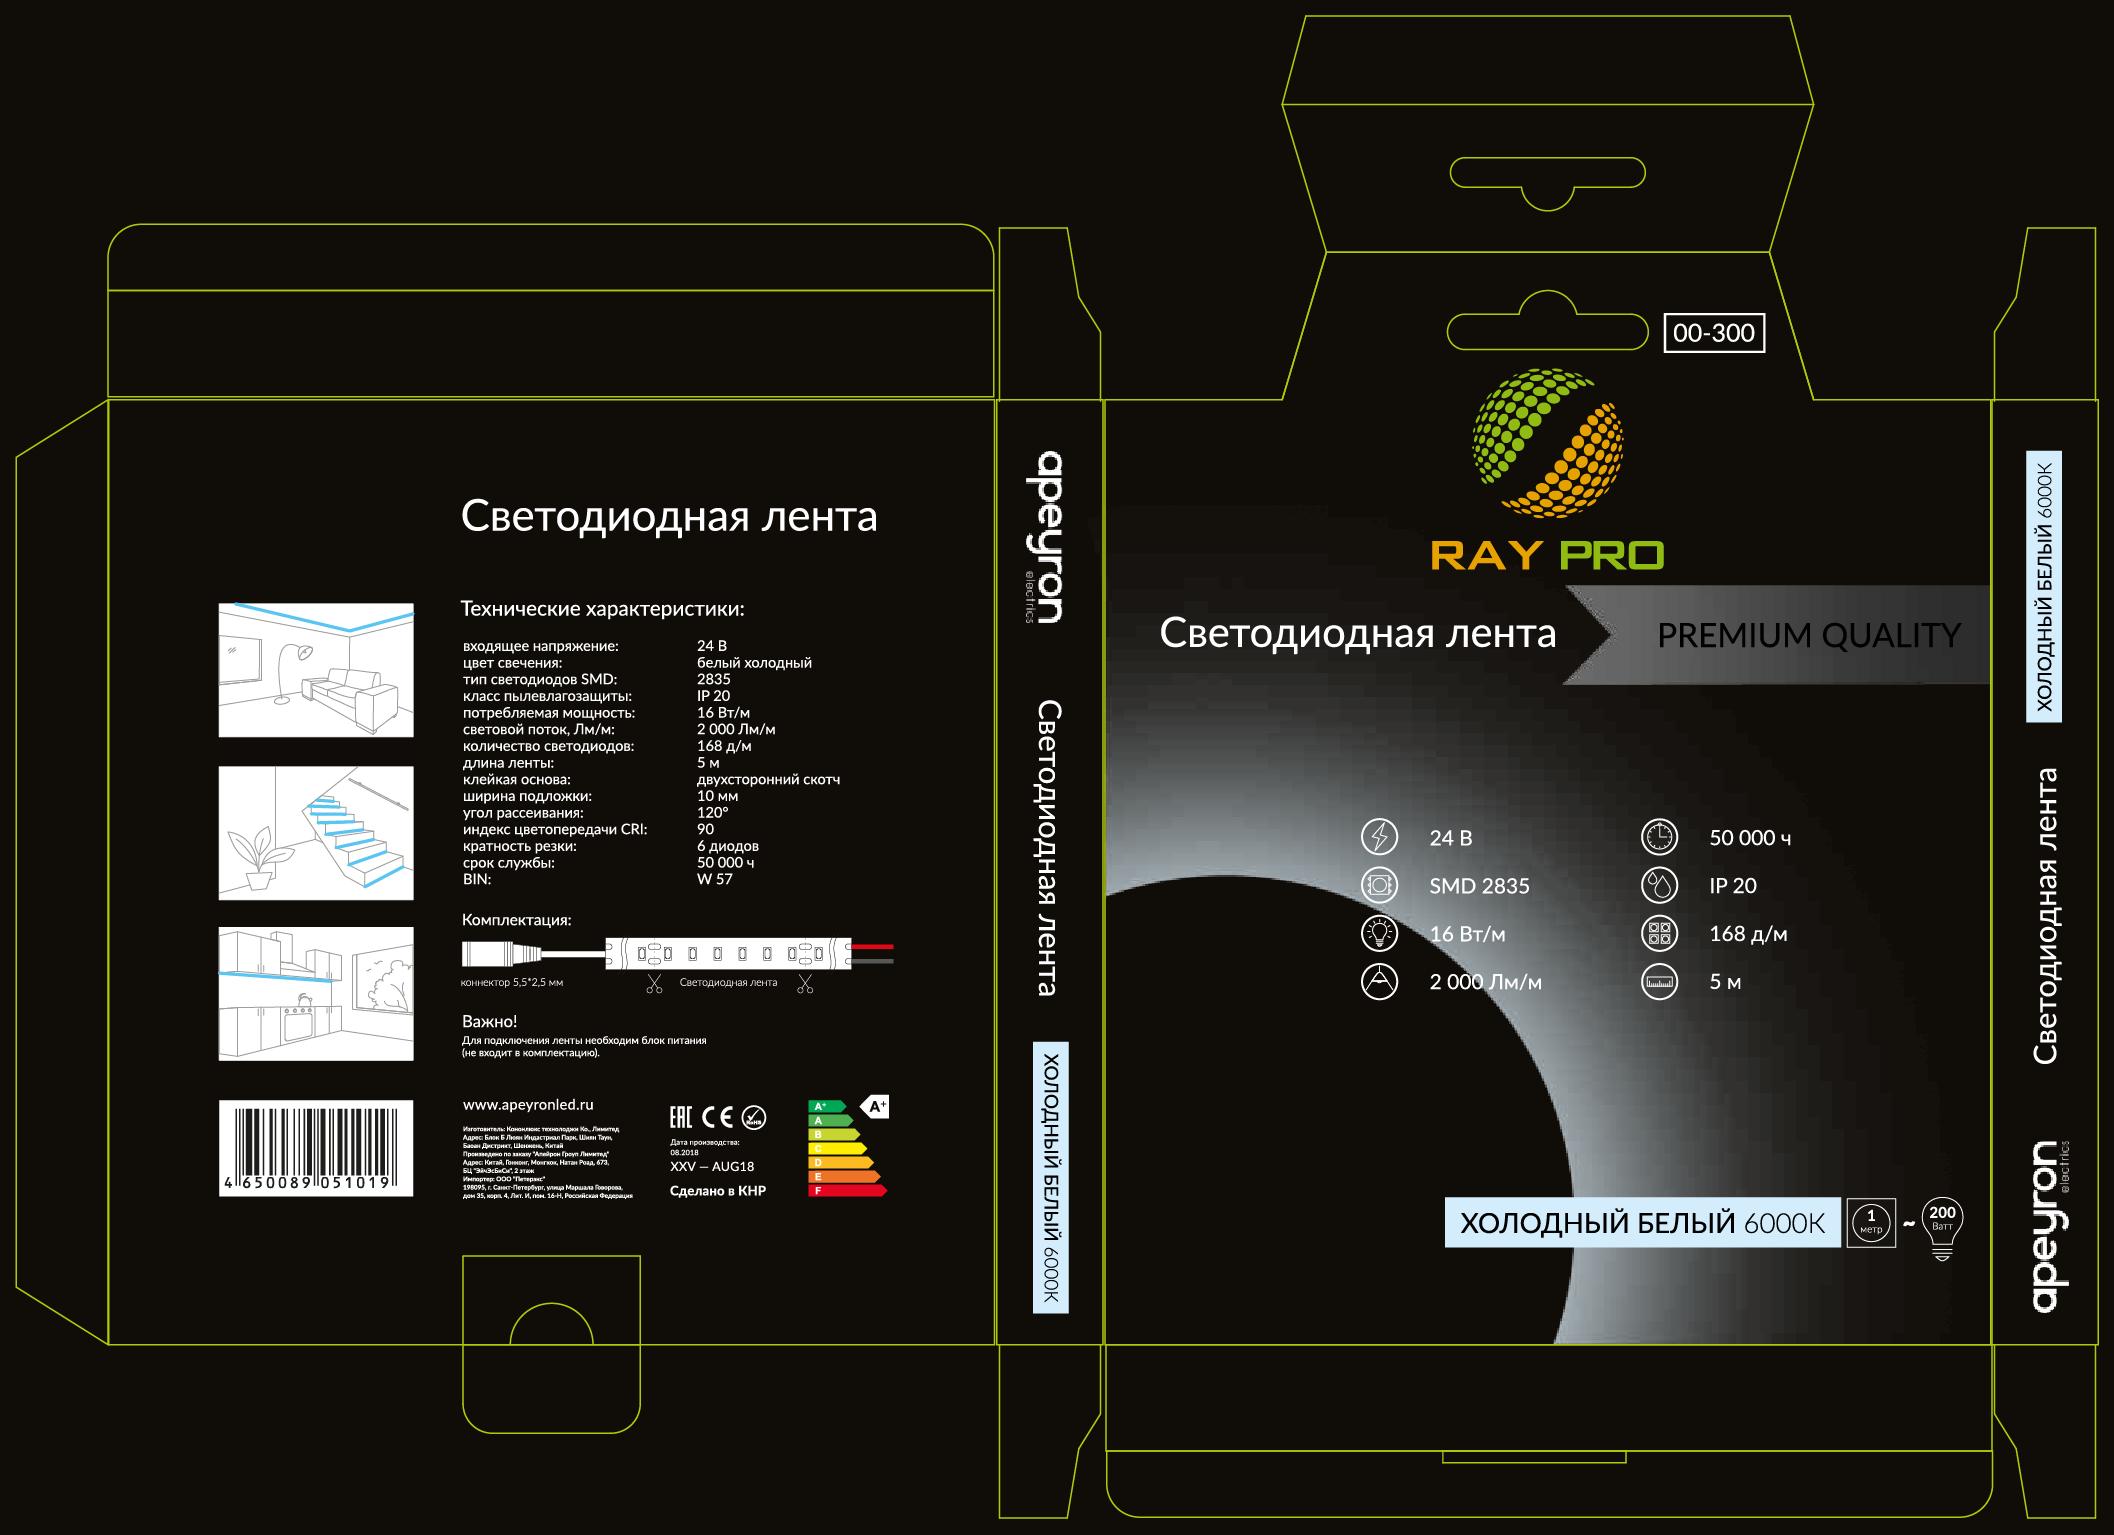 Разработка логотипа (продукт - светодиодная лента) фото f_7505bbe2916087e1.png